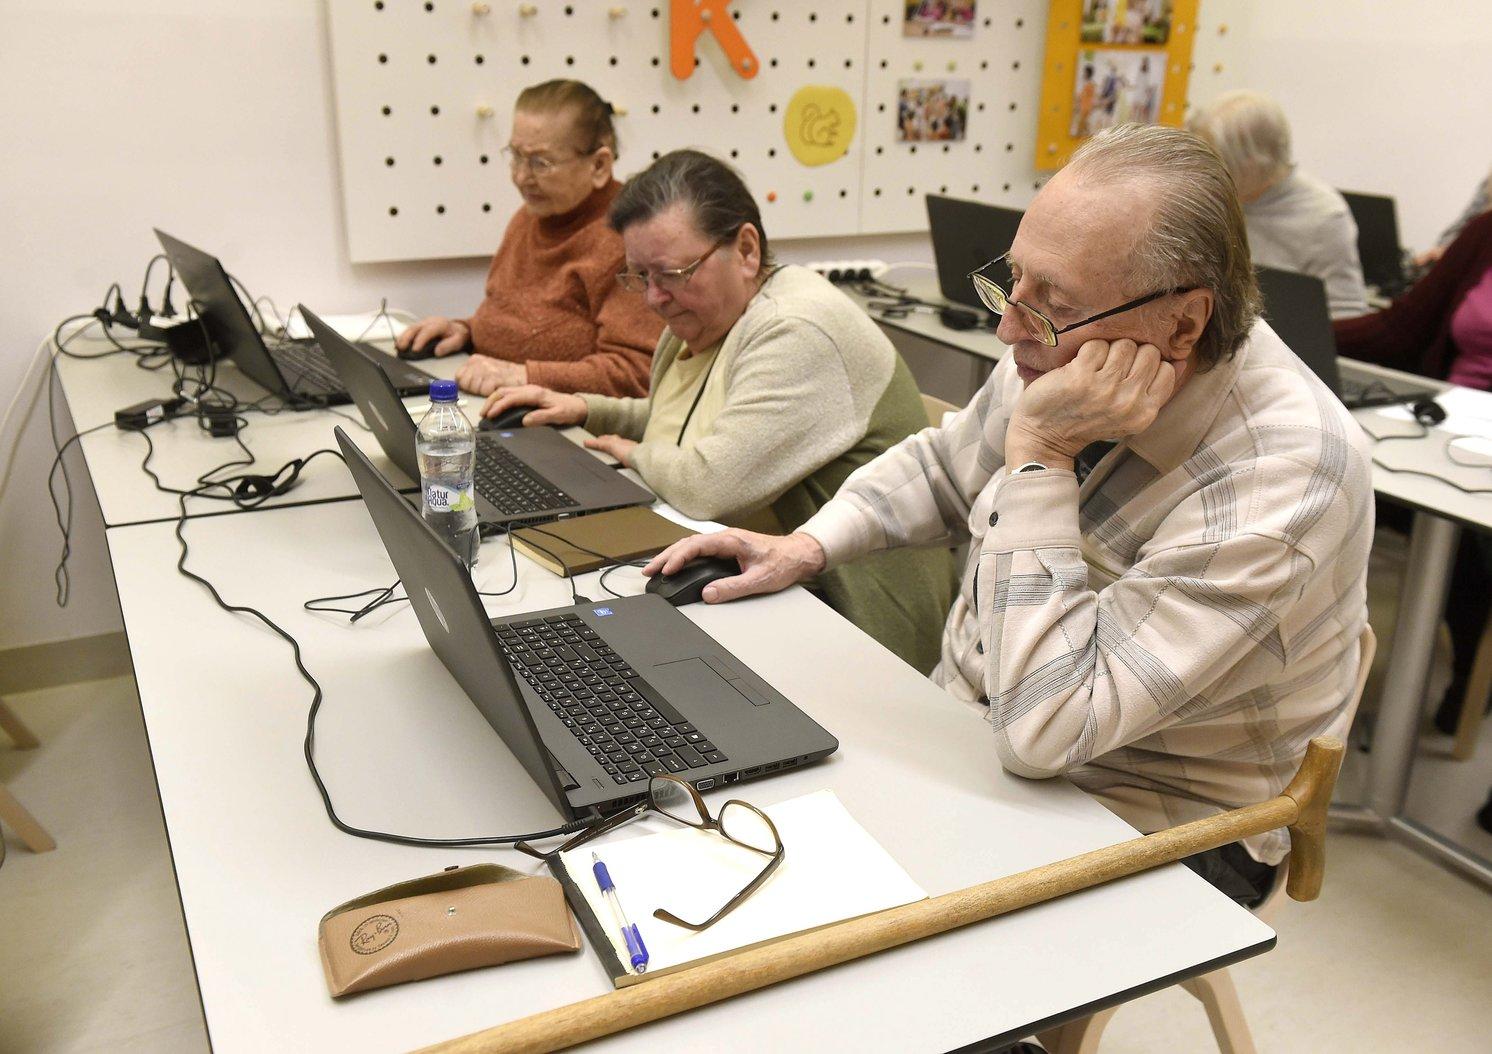 Résztvevők a budapesti tanfolyamon a Segítő Kezek az Aktív Évekért Közhasznú Nonprofit Kft. épületében. (MTI Fotó: Bruzák Noémi)